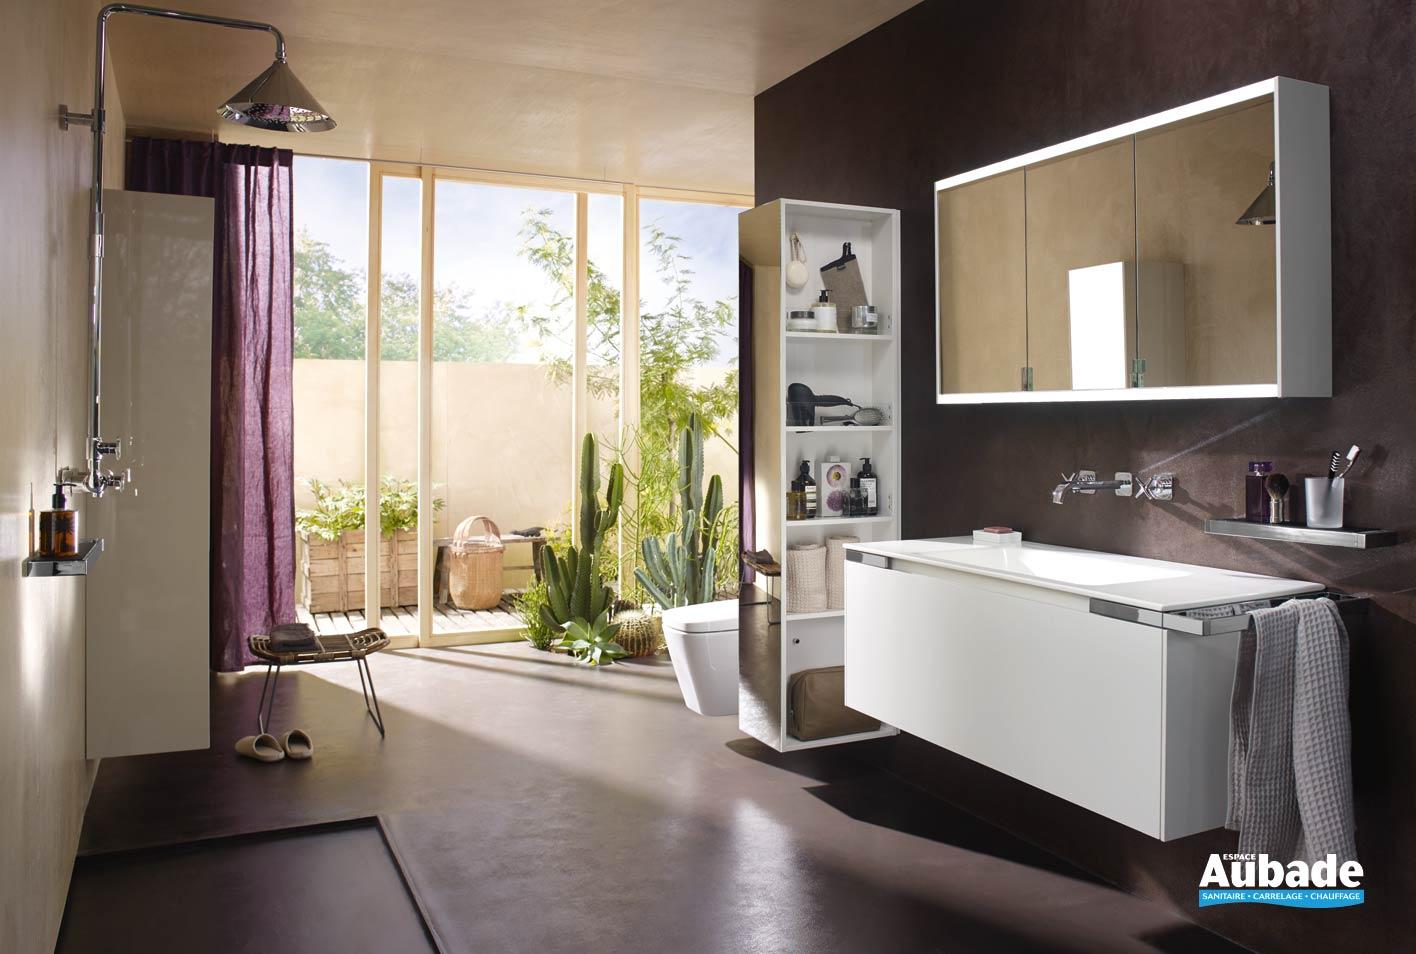 meubles de salle de bain yso burgbad espace aubade